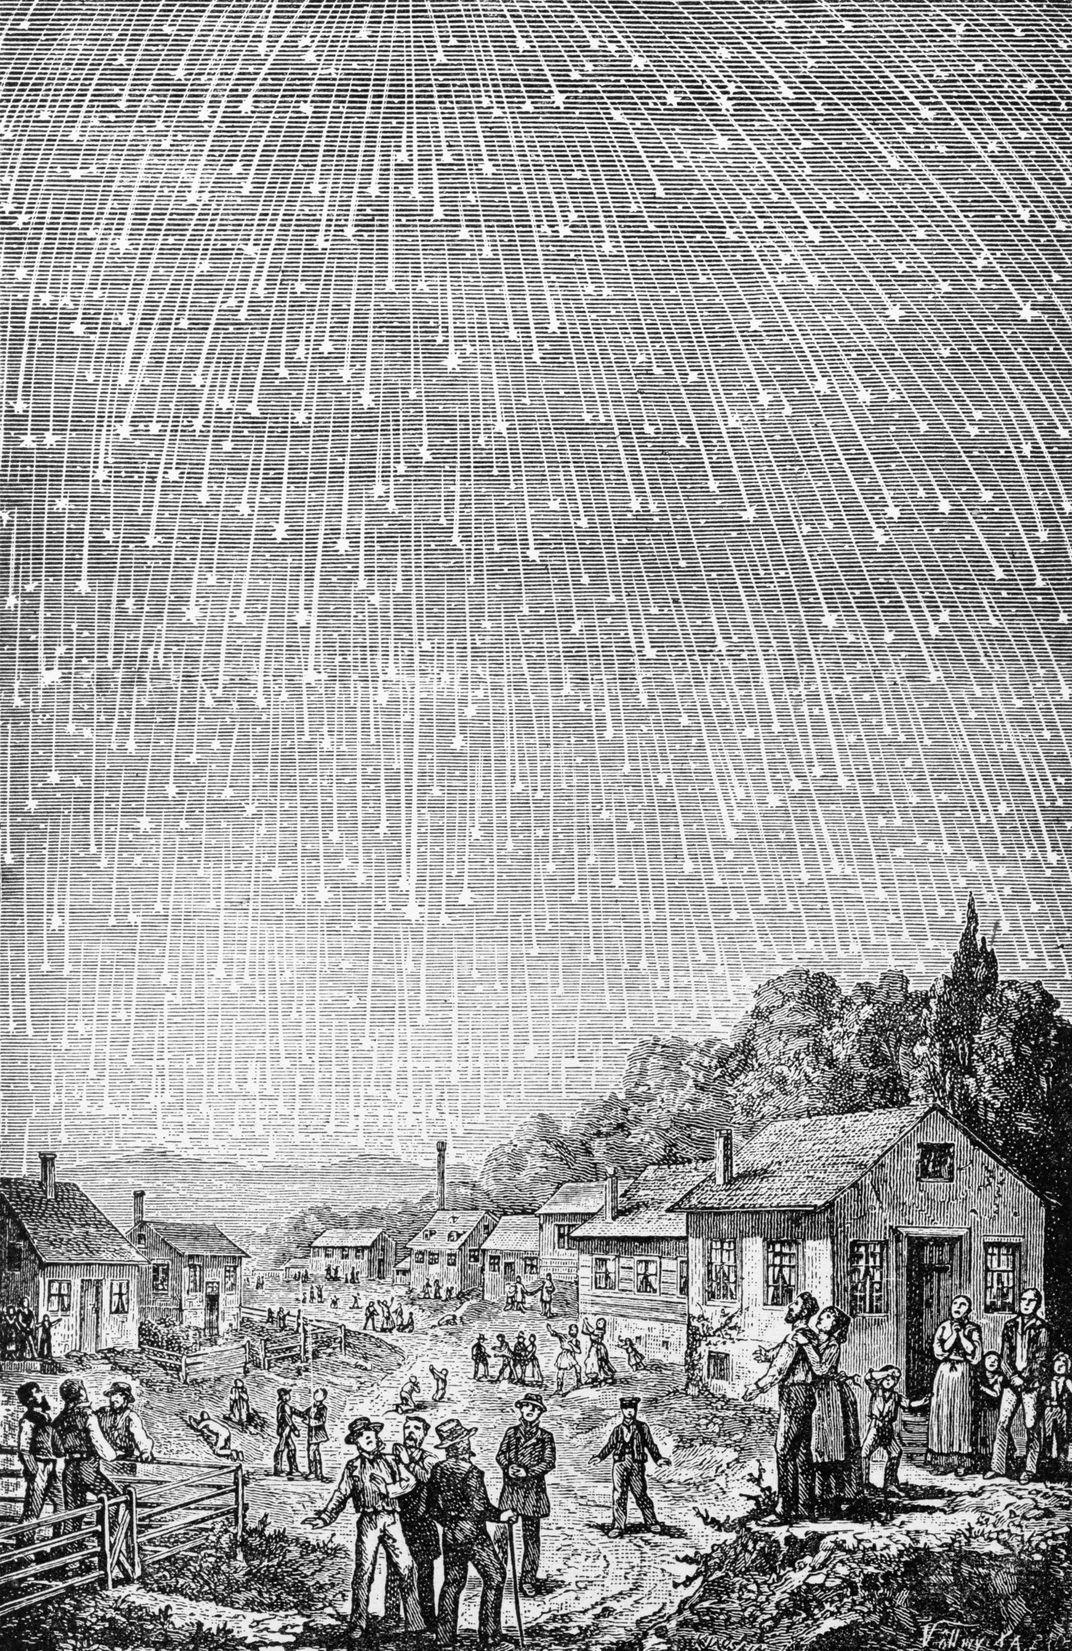 Leonid meteor shower over rural town. 1833. Via Corbis.